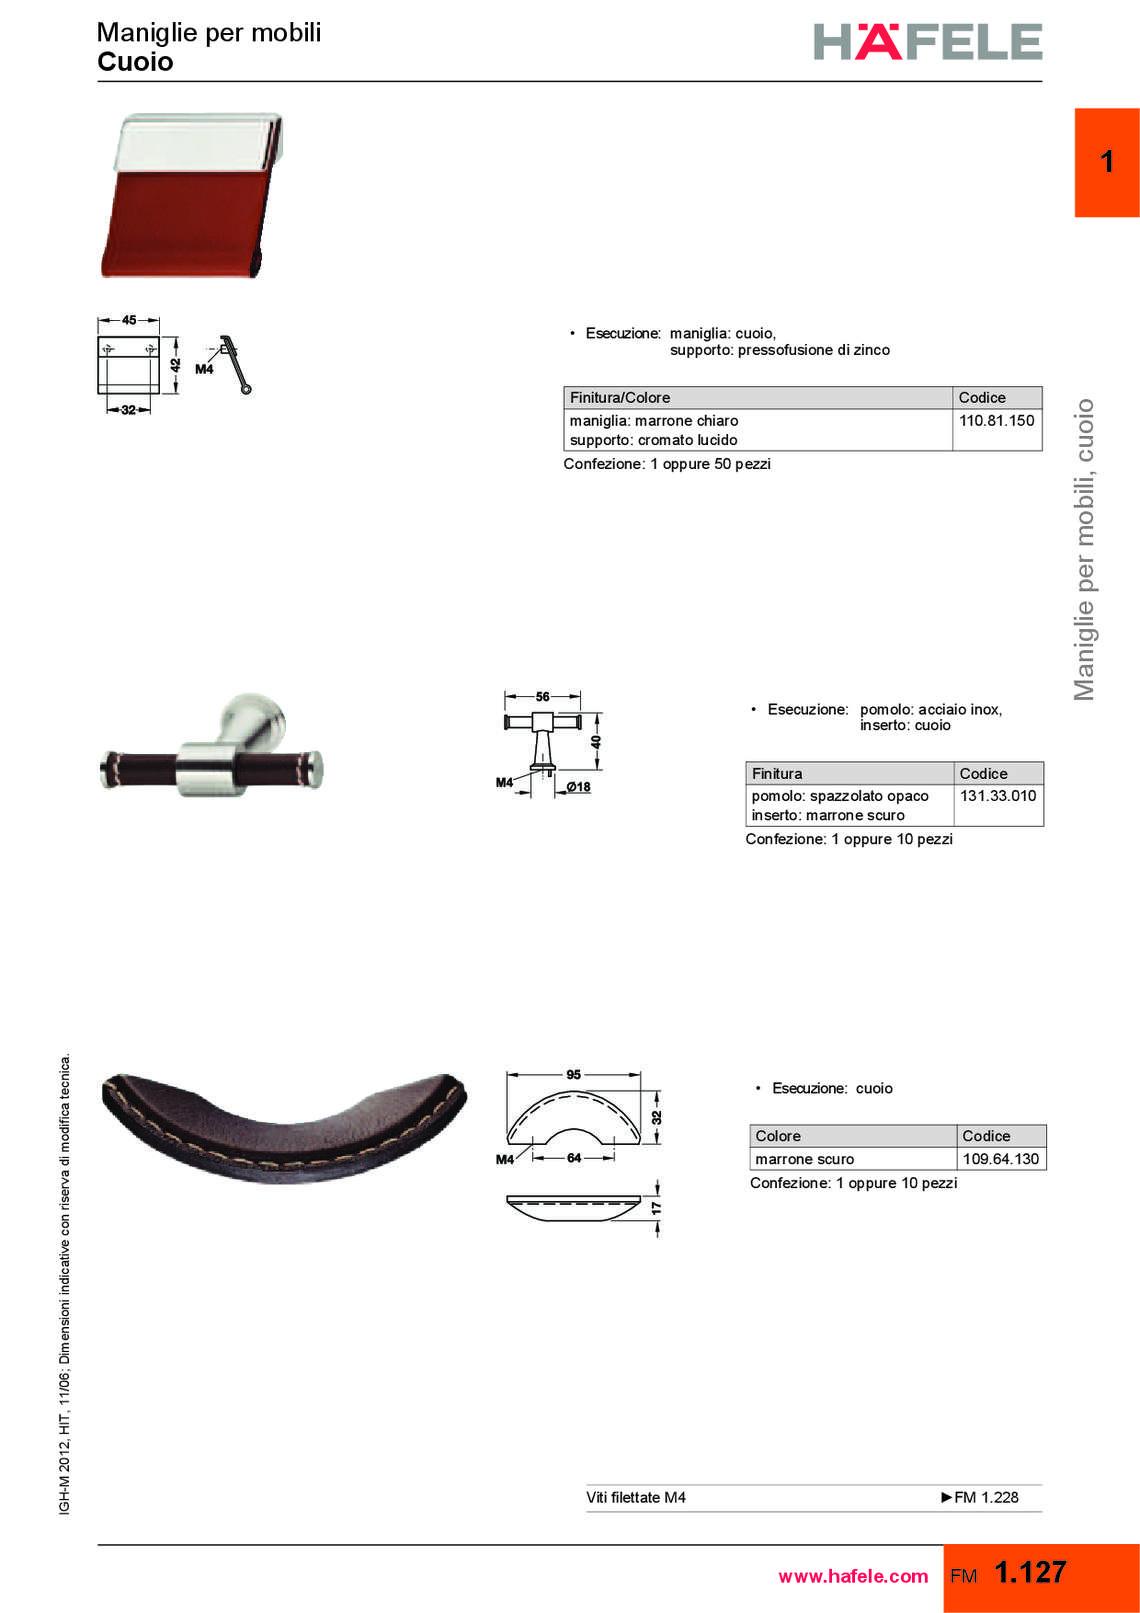 hafele-maniglie-e-pomoli_79_136.jpg